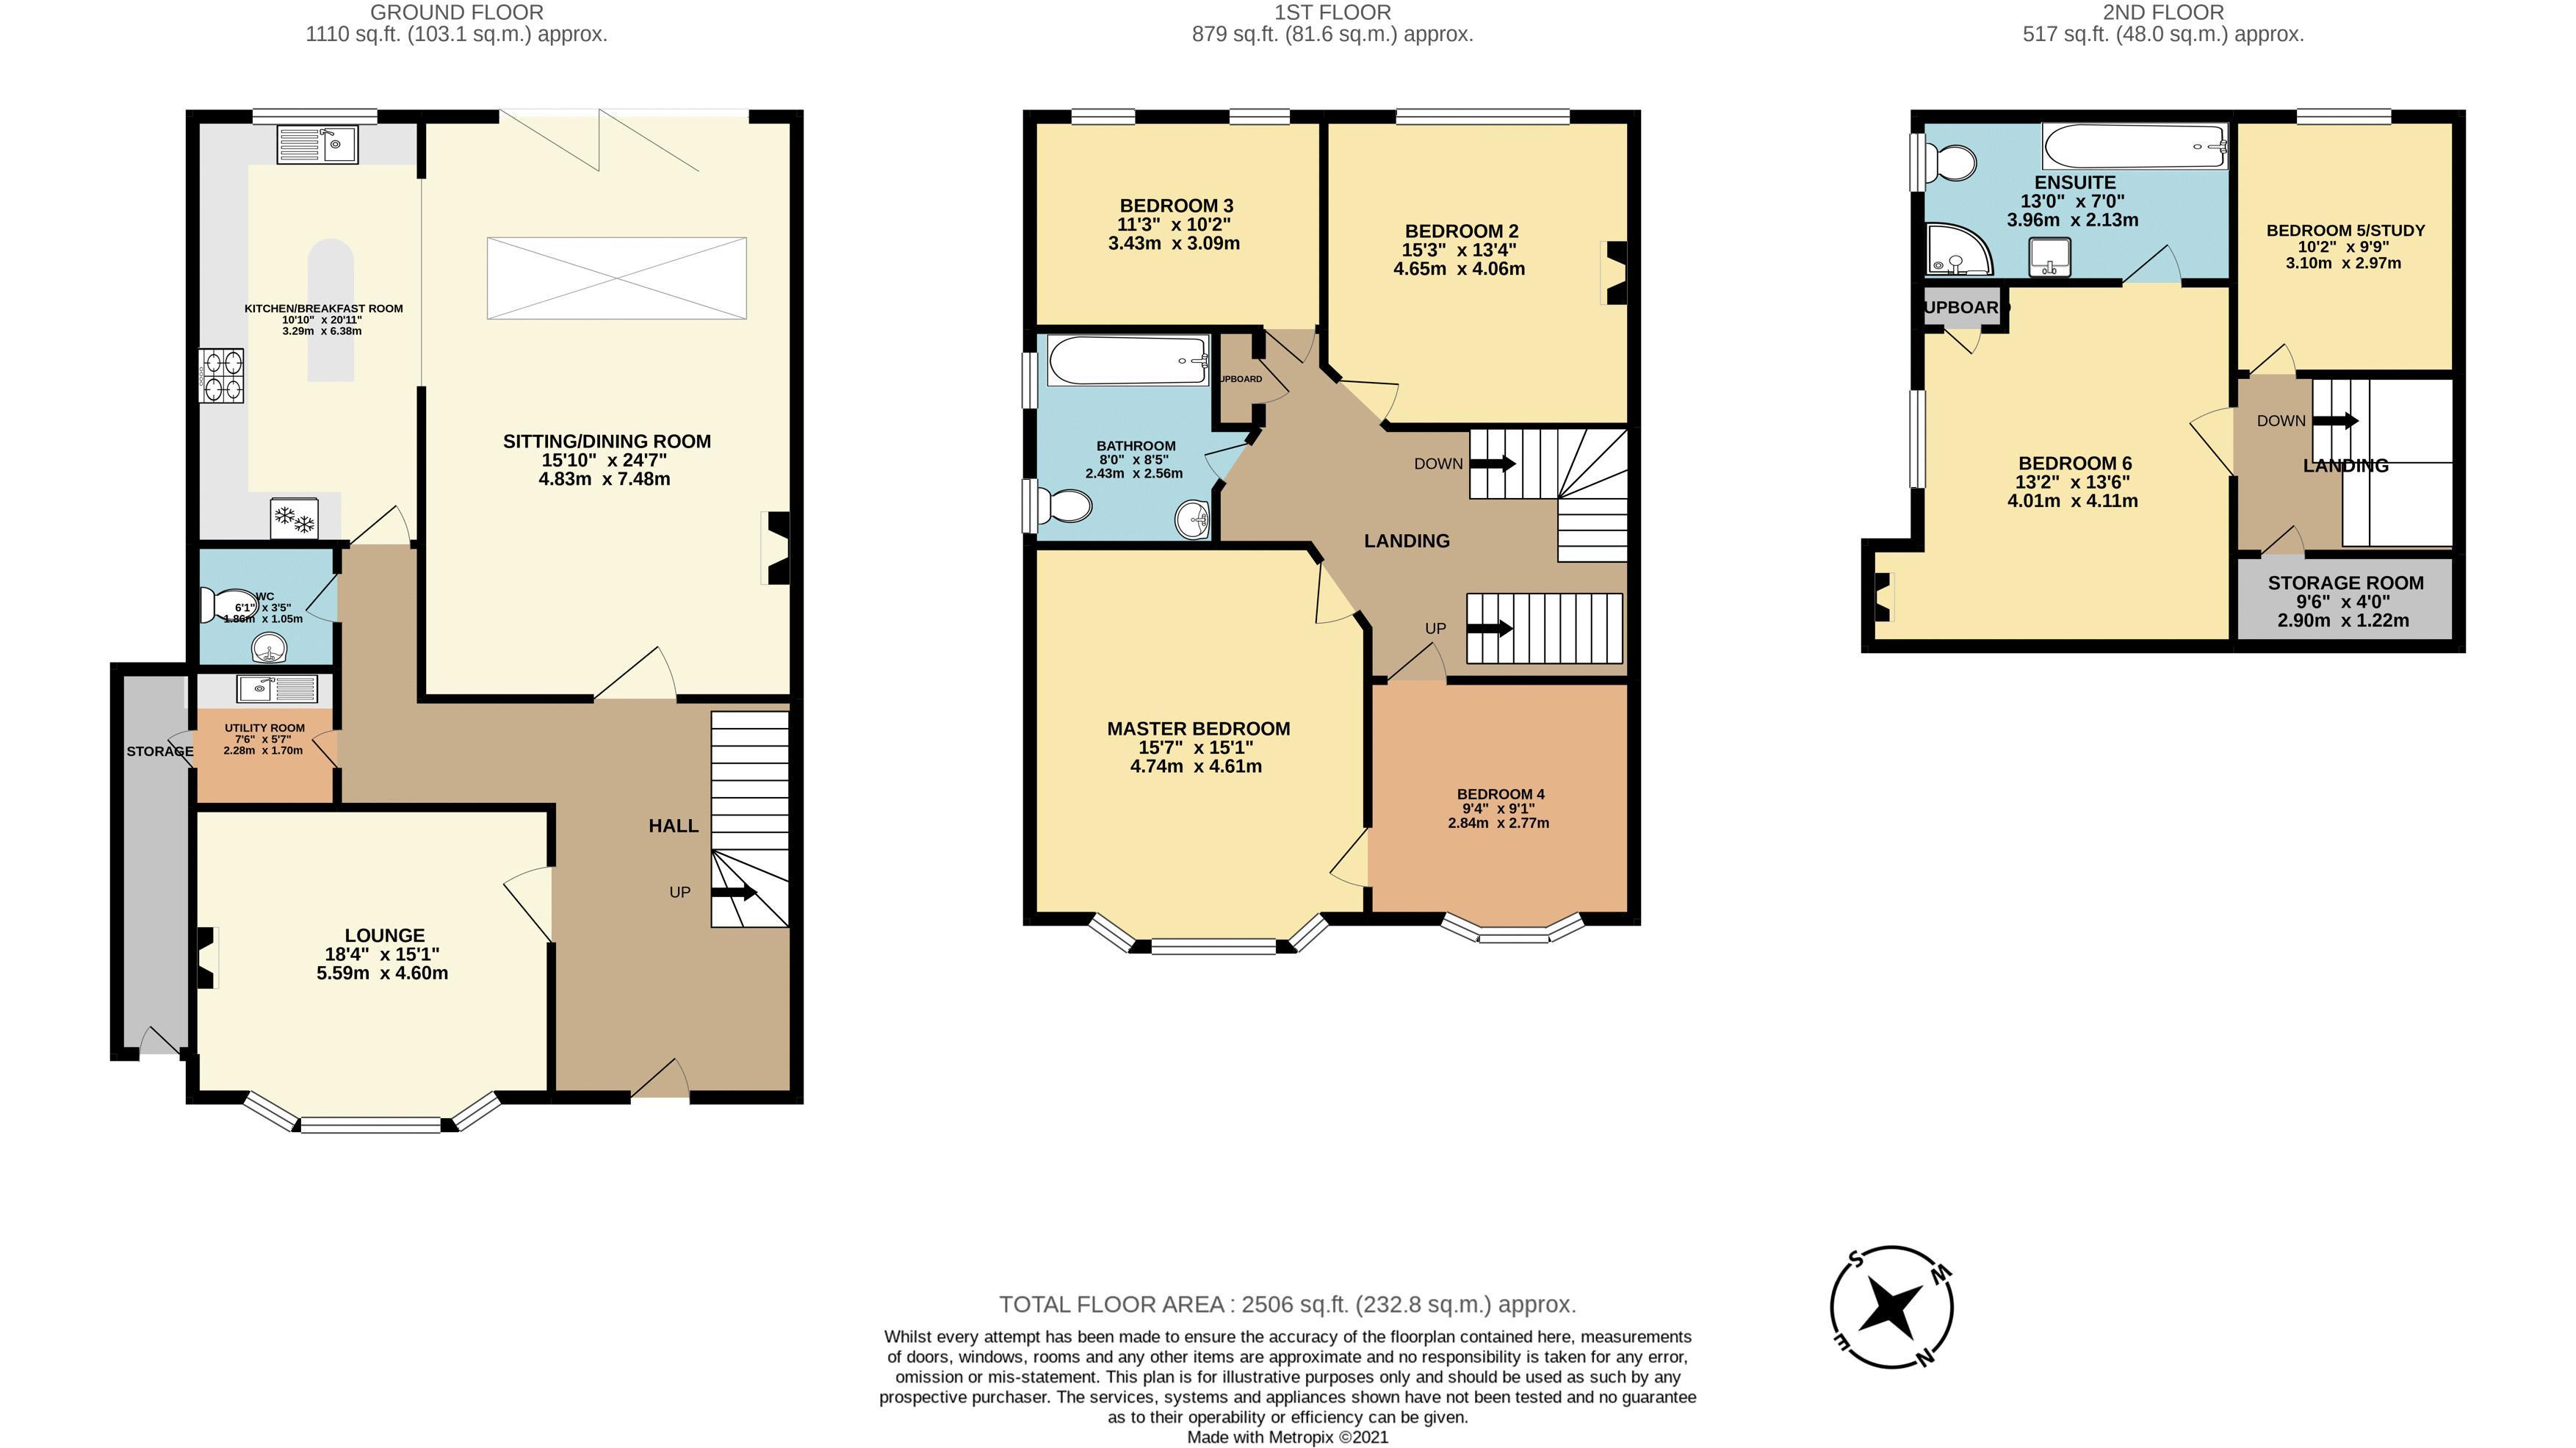 6 bedroom semi detached house SSTC in Sutton - floorplan 1.